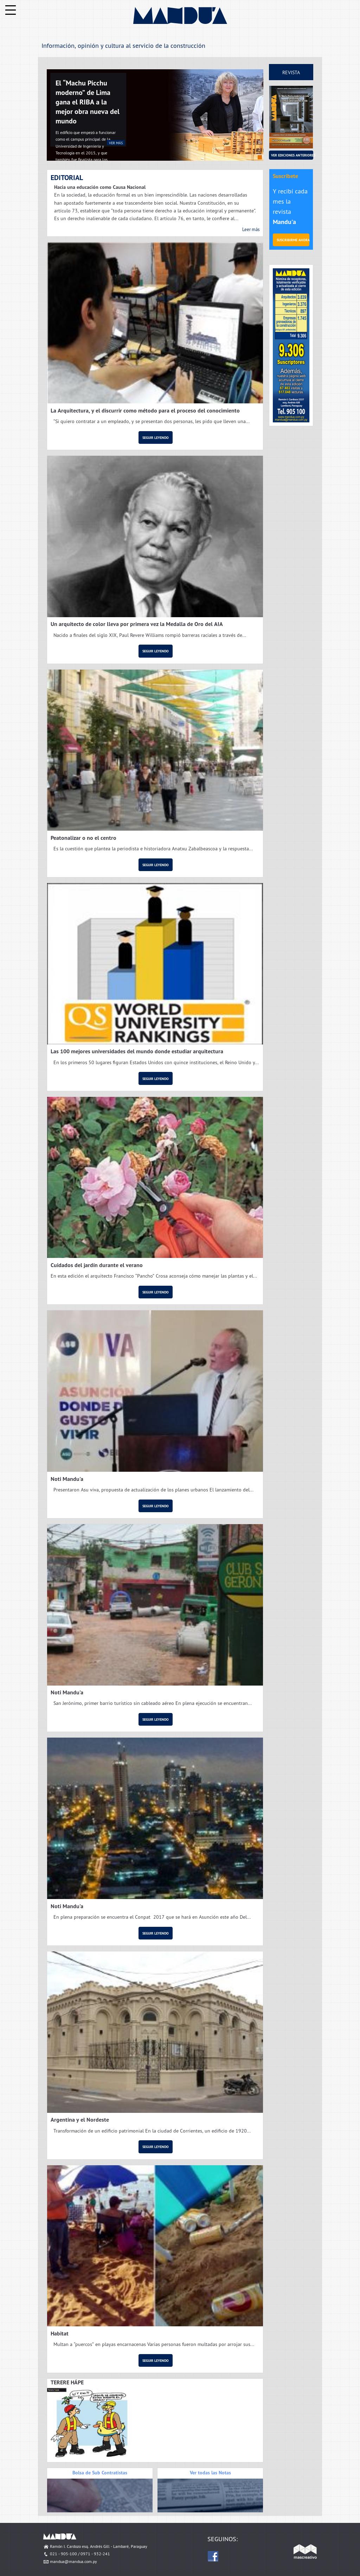 Nordeste pelicula argentina online dating